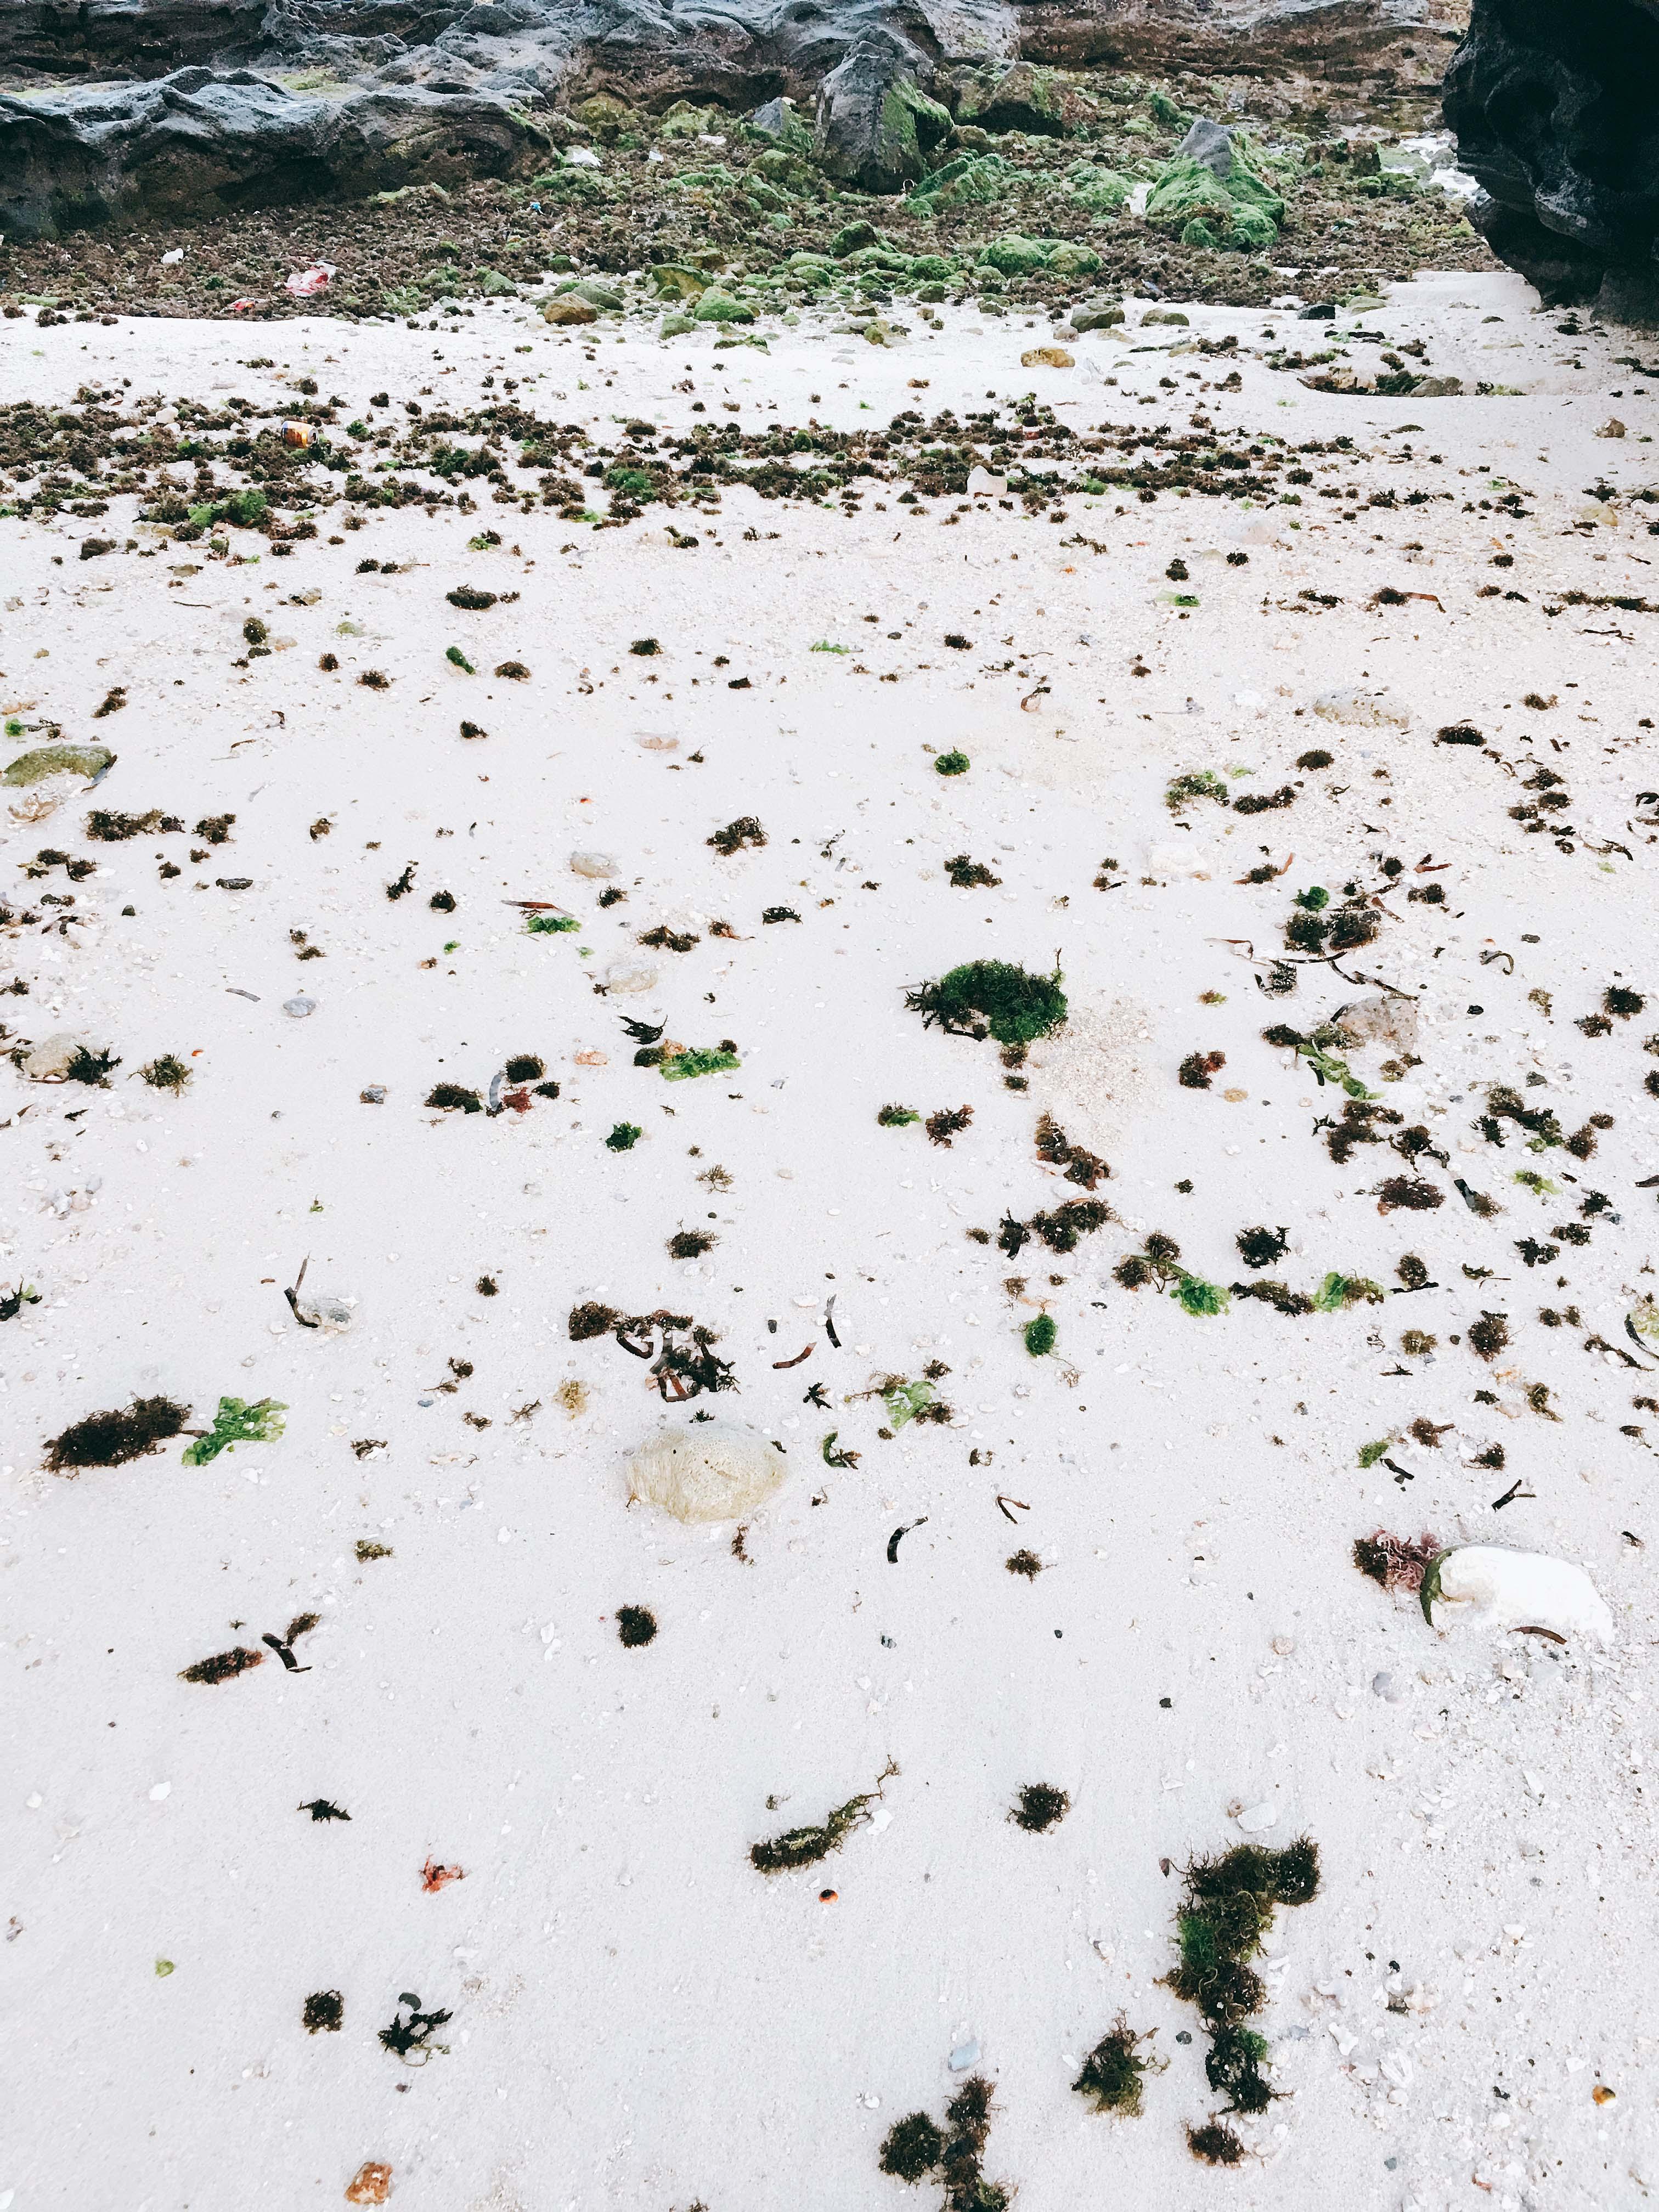 Cát trắng mịn xen lẫn tảo xanh đang vào mùa